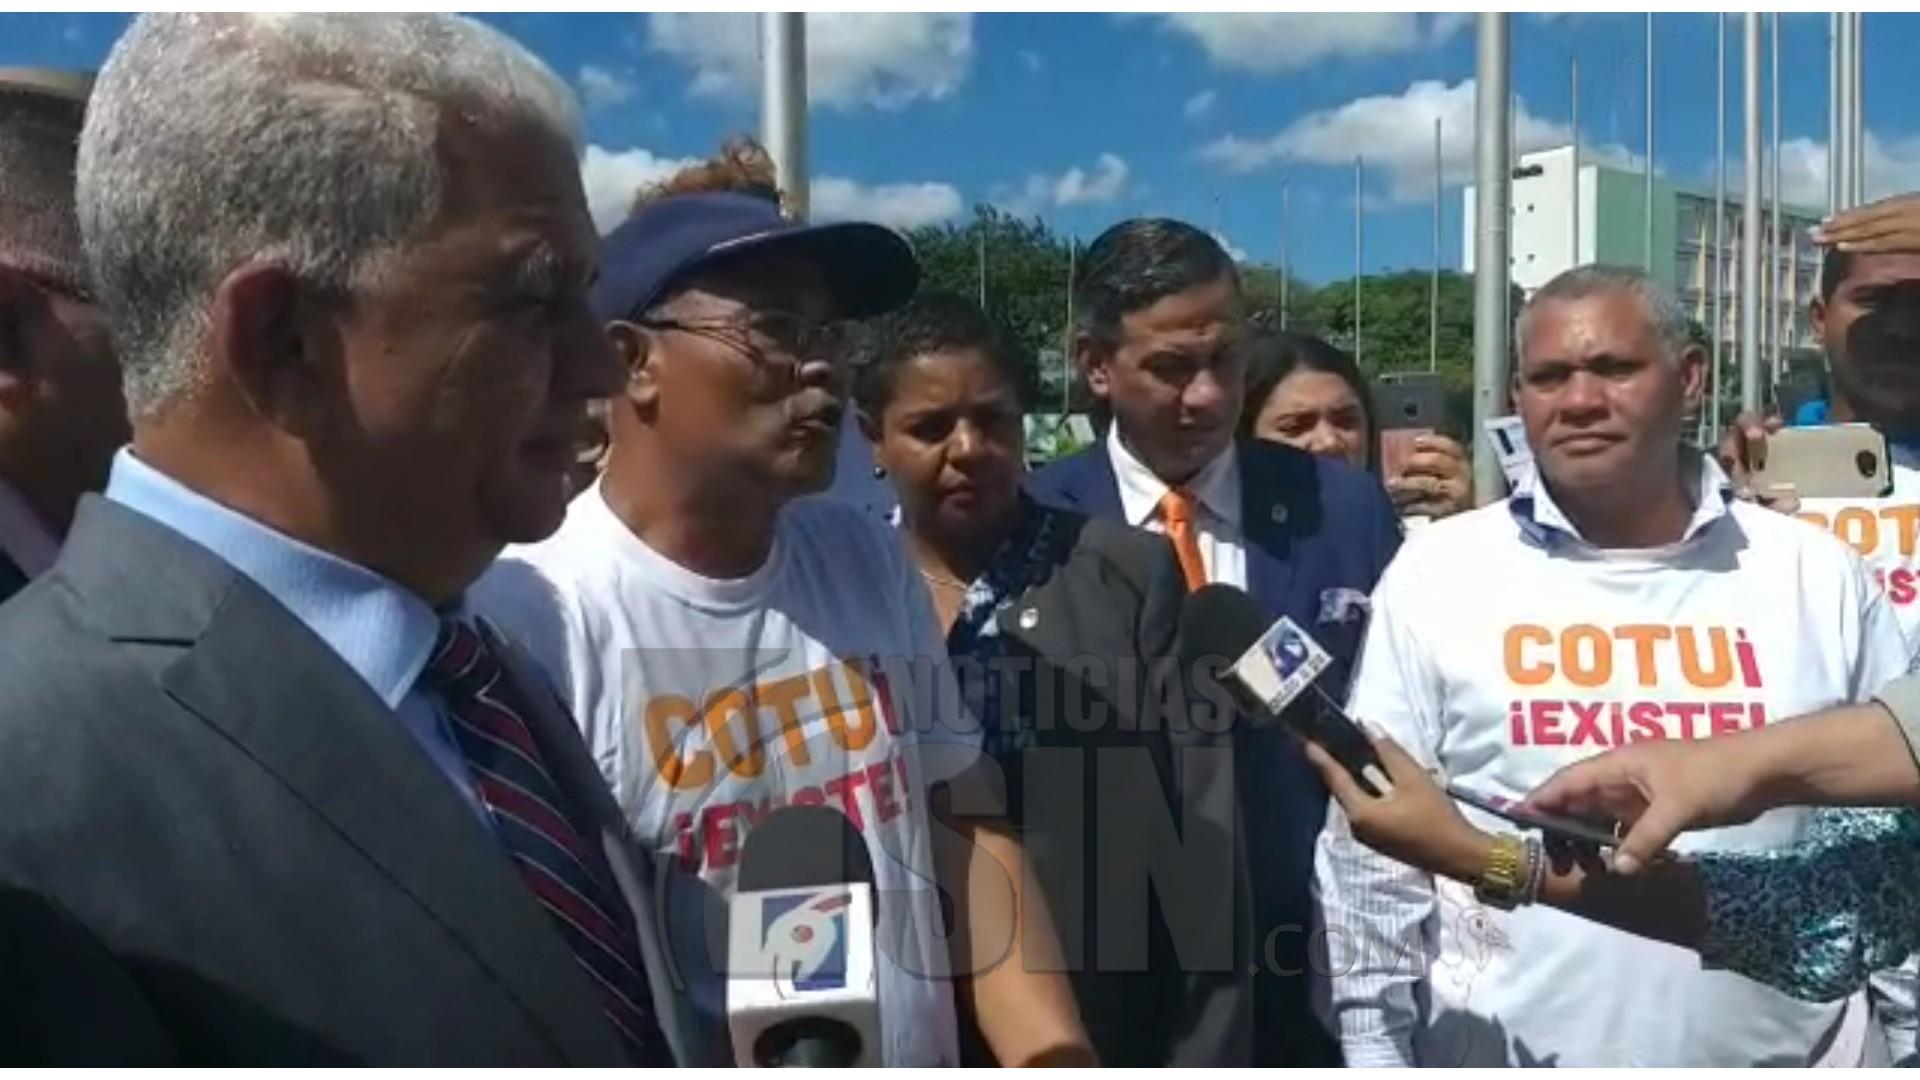 Residentes en Cotuí reclaman mayor presupuesto para sus demarcaciones